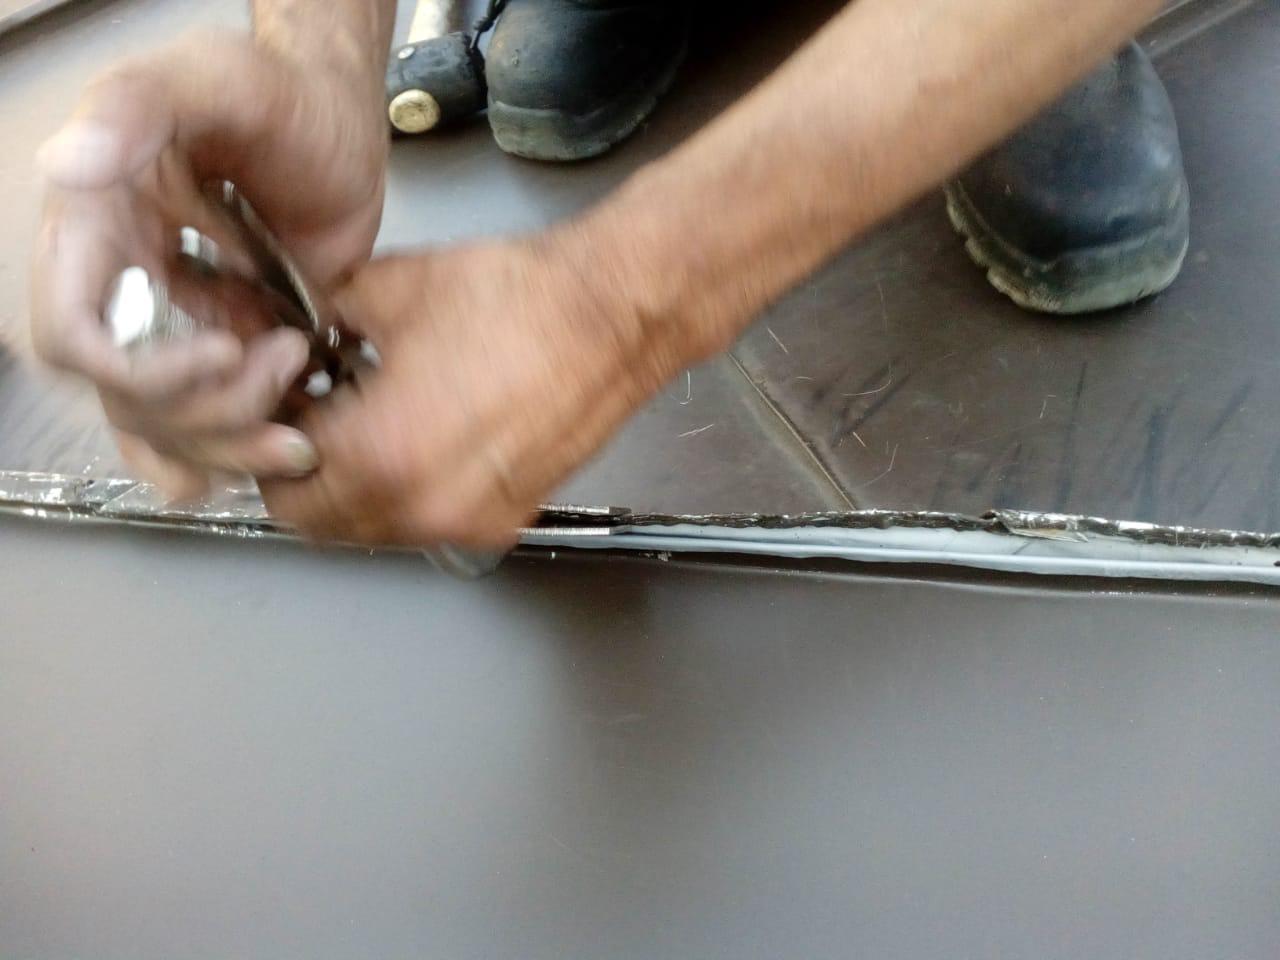 Заявление на герметизацию швов в управляющую компанию